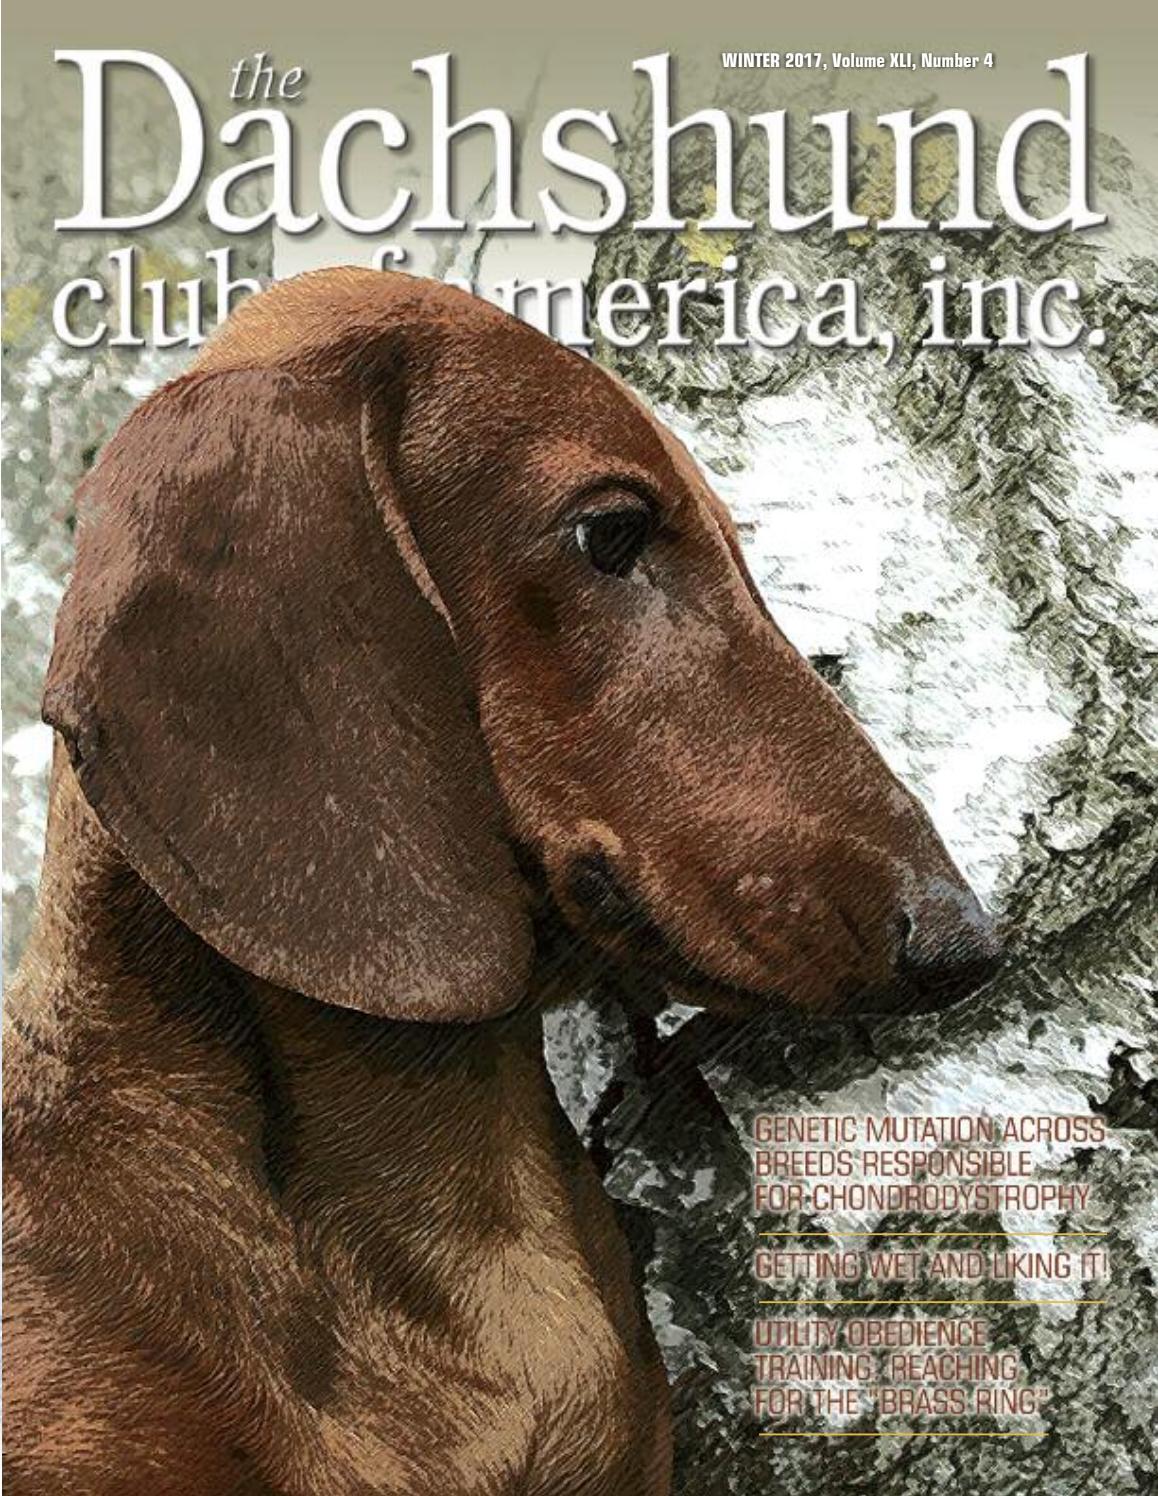 dfd8cf811 Winter 2016 Dachshund Club of America by Lynne Dahlen - issuu